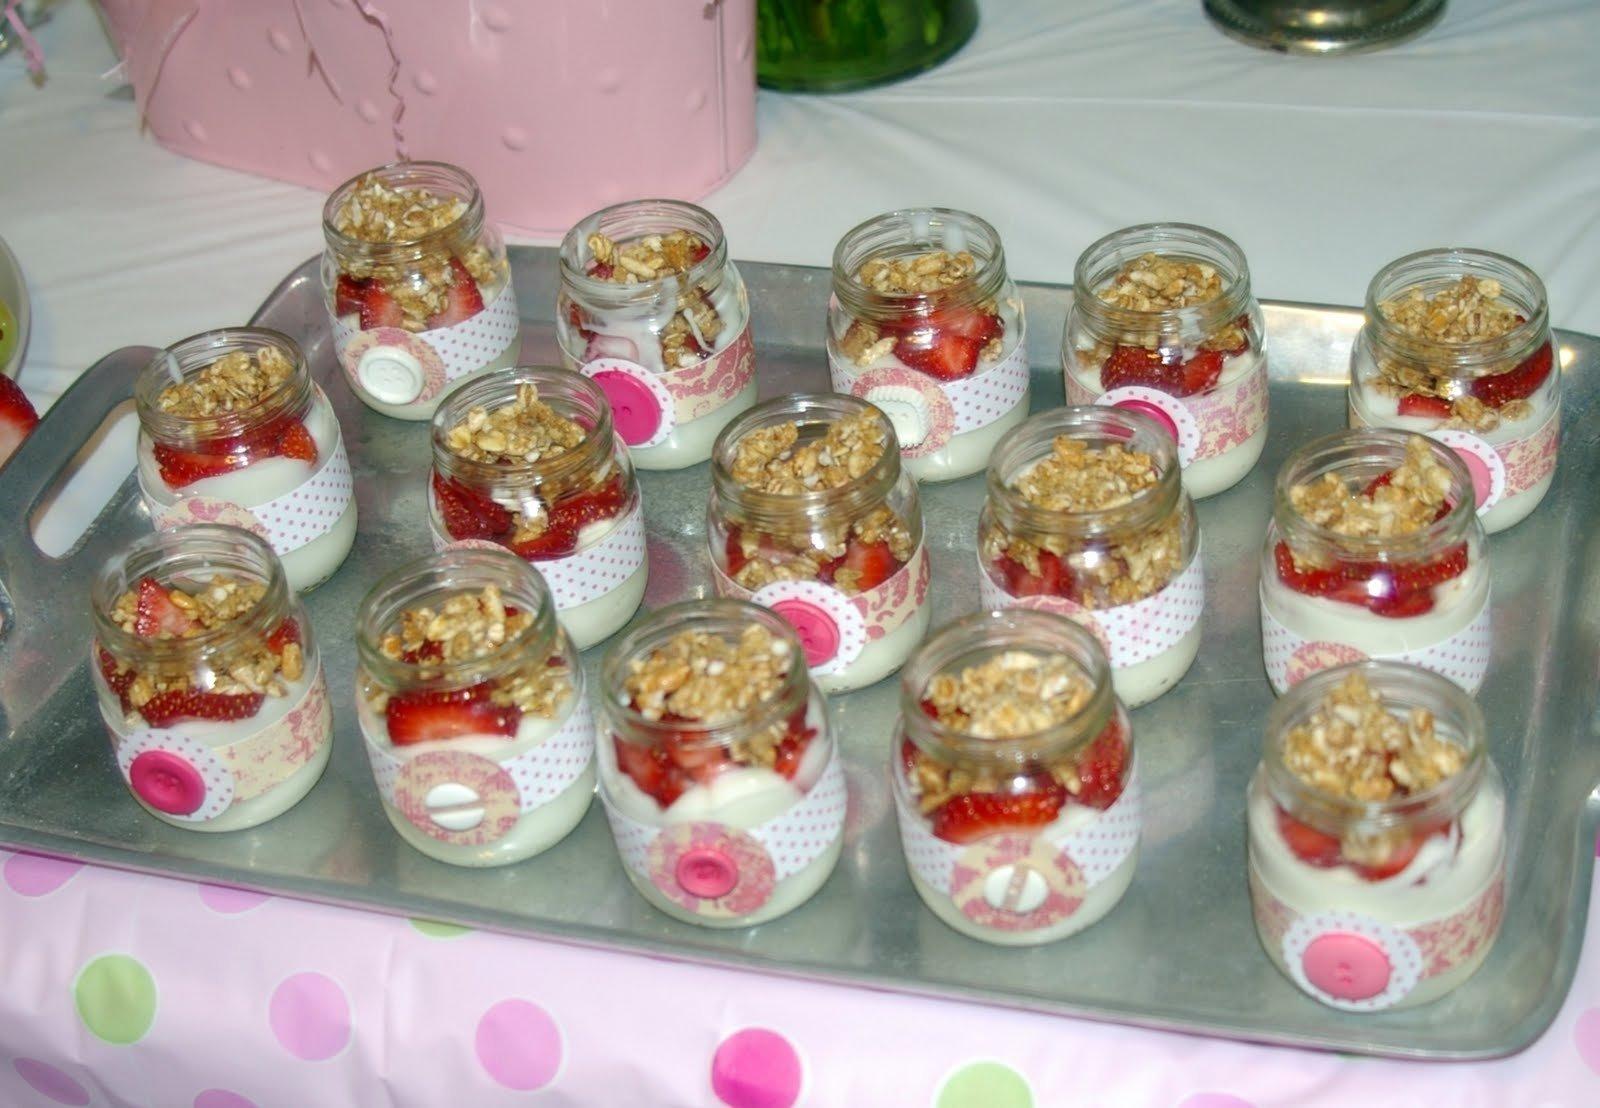 10 Attractive Unique Baby Shower Food Ideas baby shower food ideas cute baby shower finger food ideas 2 2020